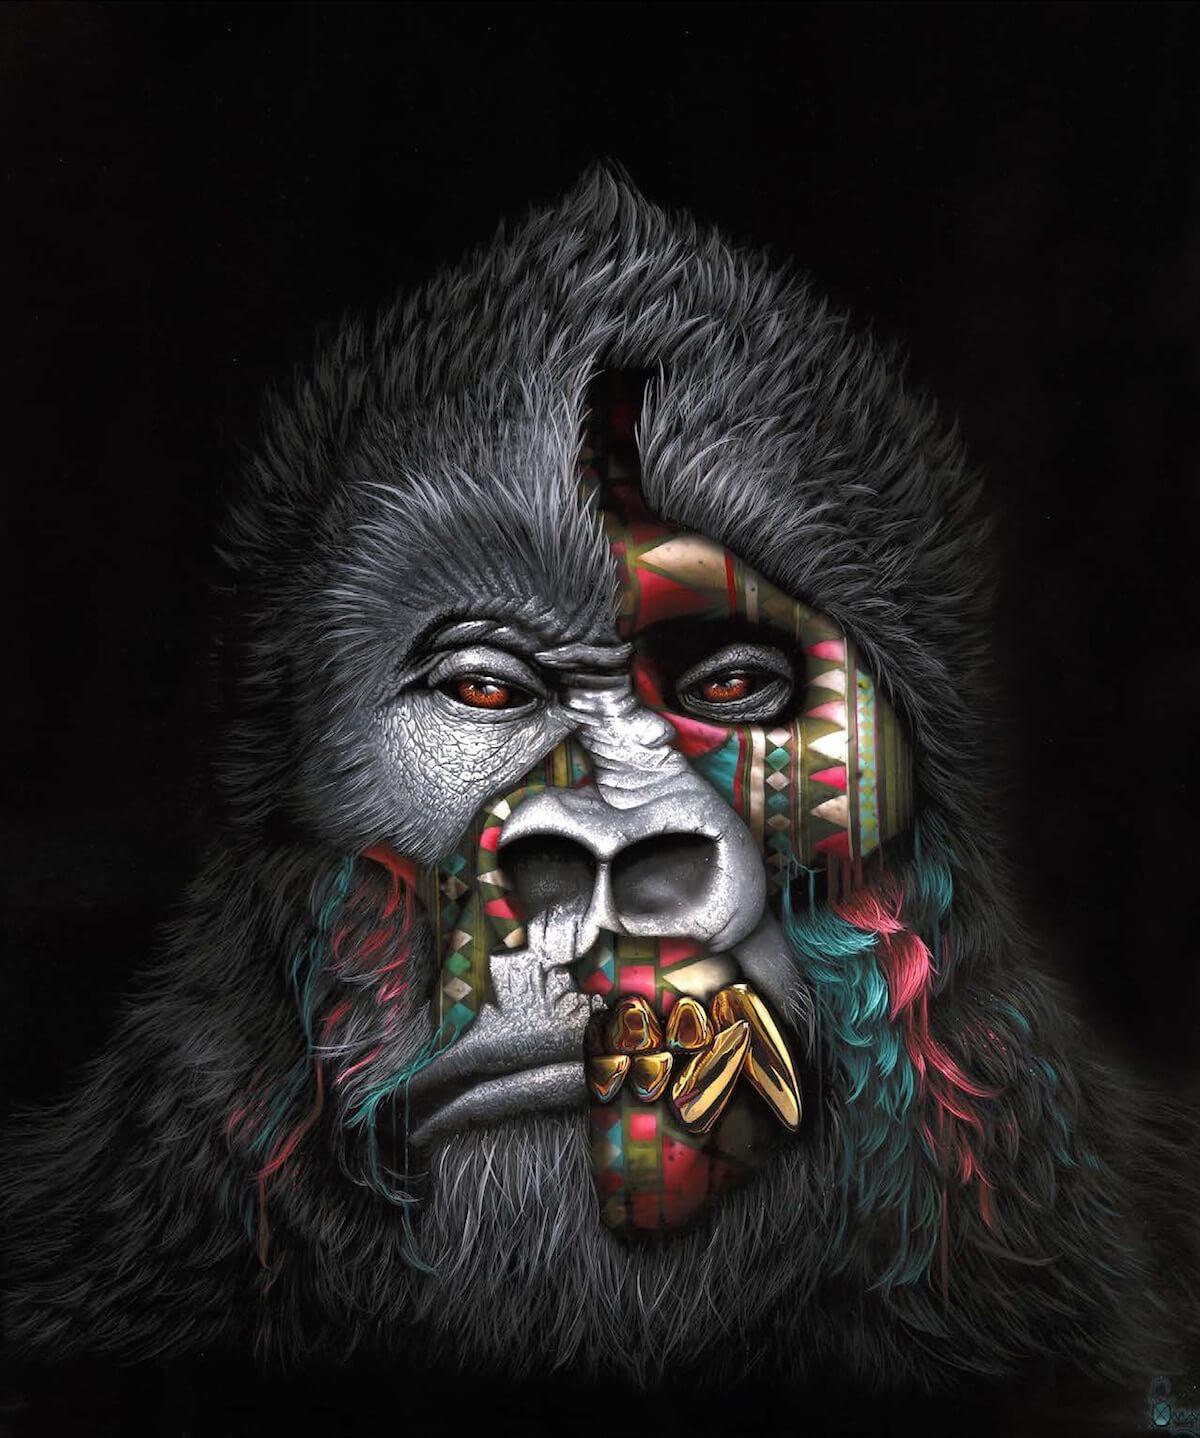 Sonny The Street Artist That Speaks of Animals, Endangered ...